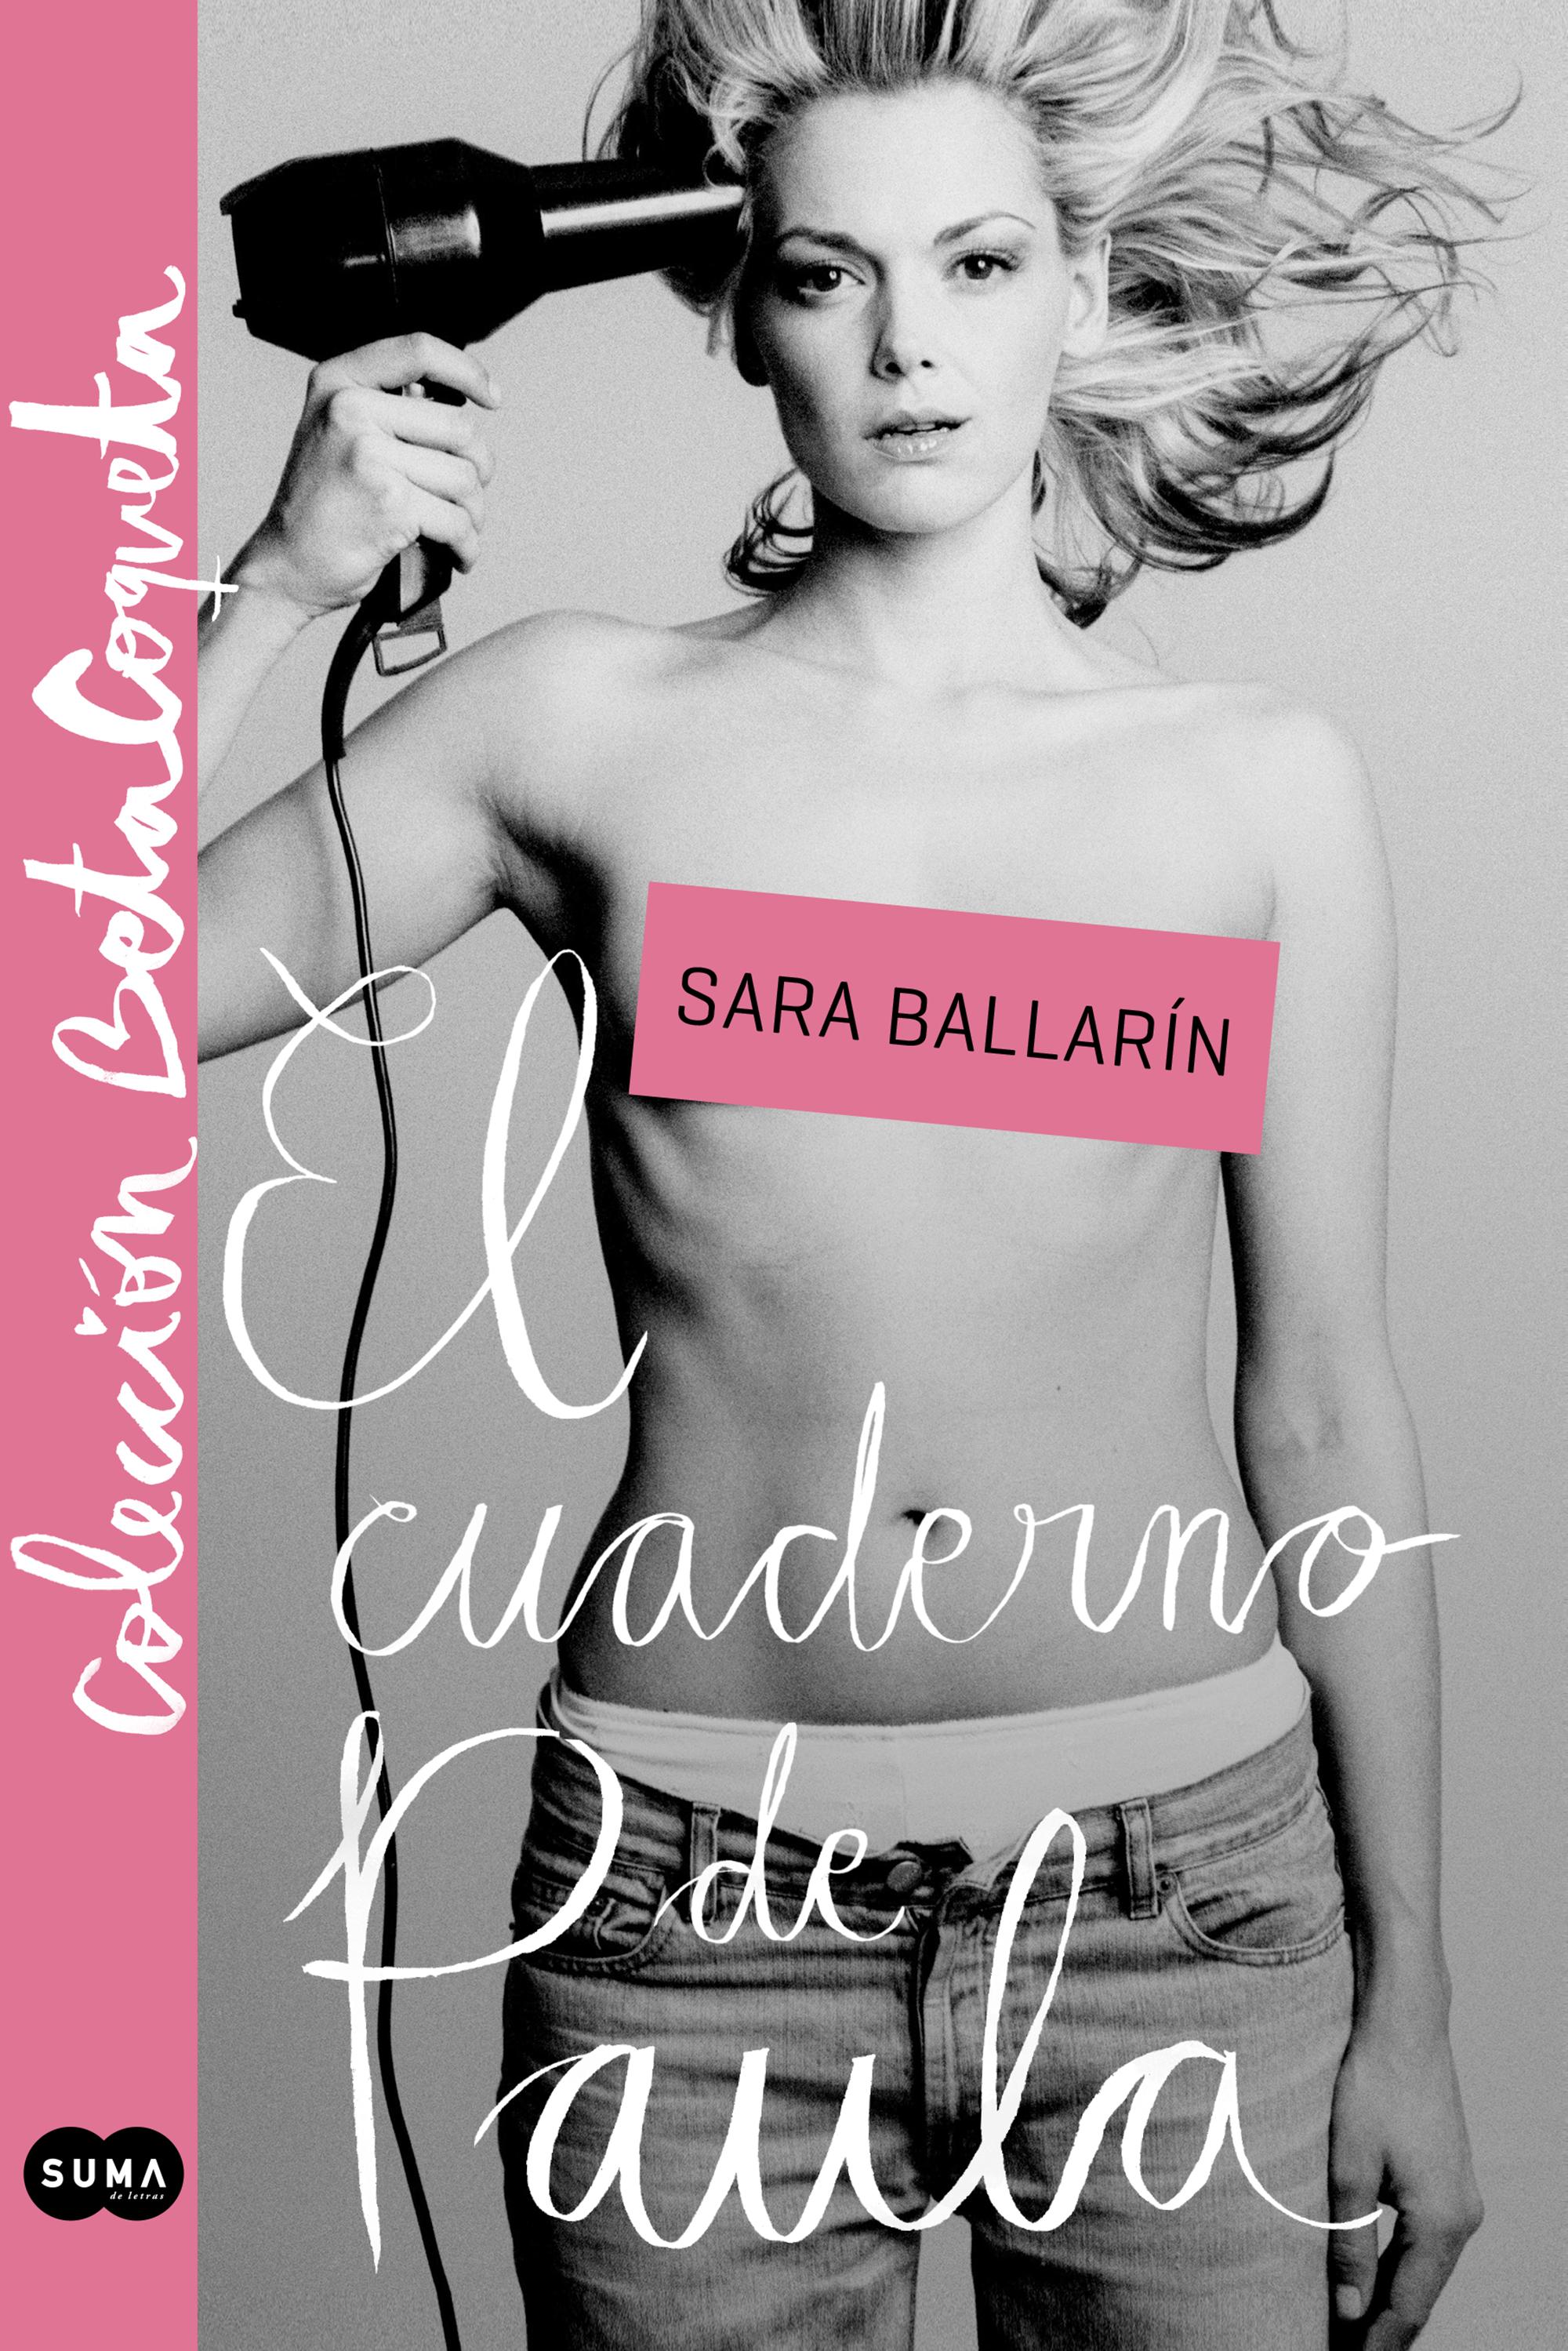 El cuaderno de Paula - Sara Ballarin Portada